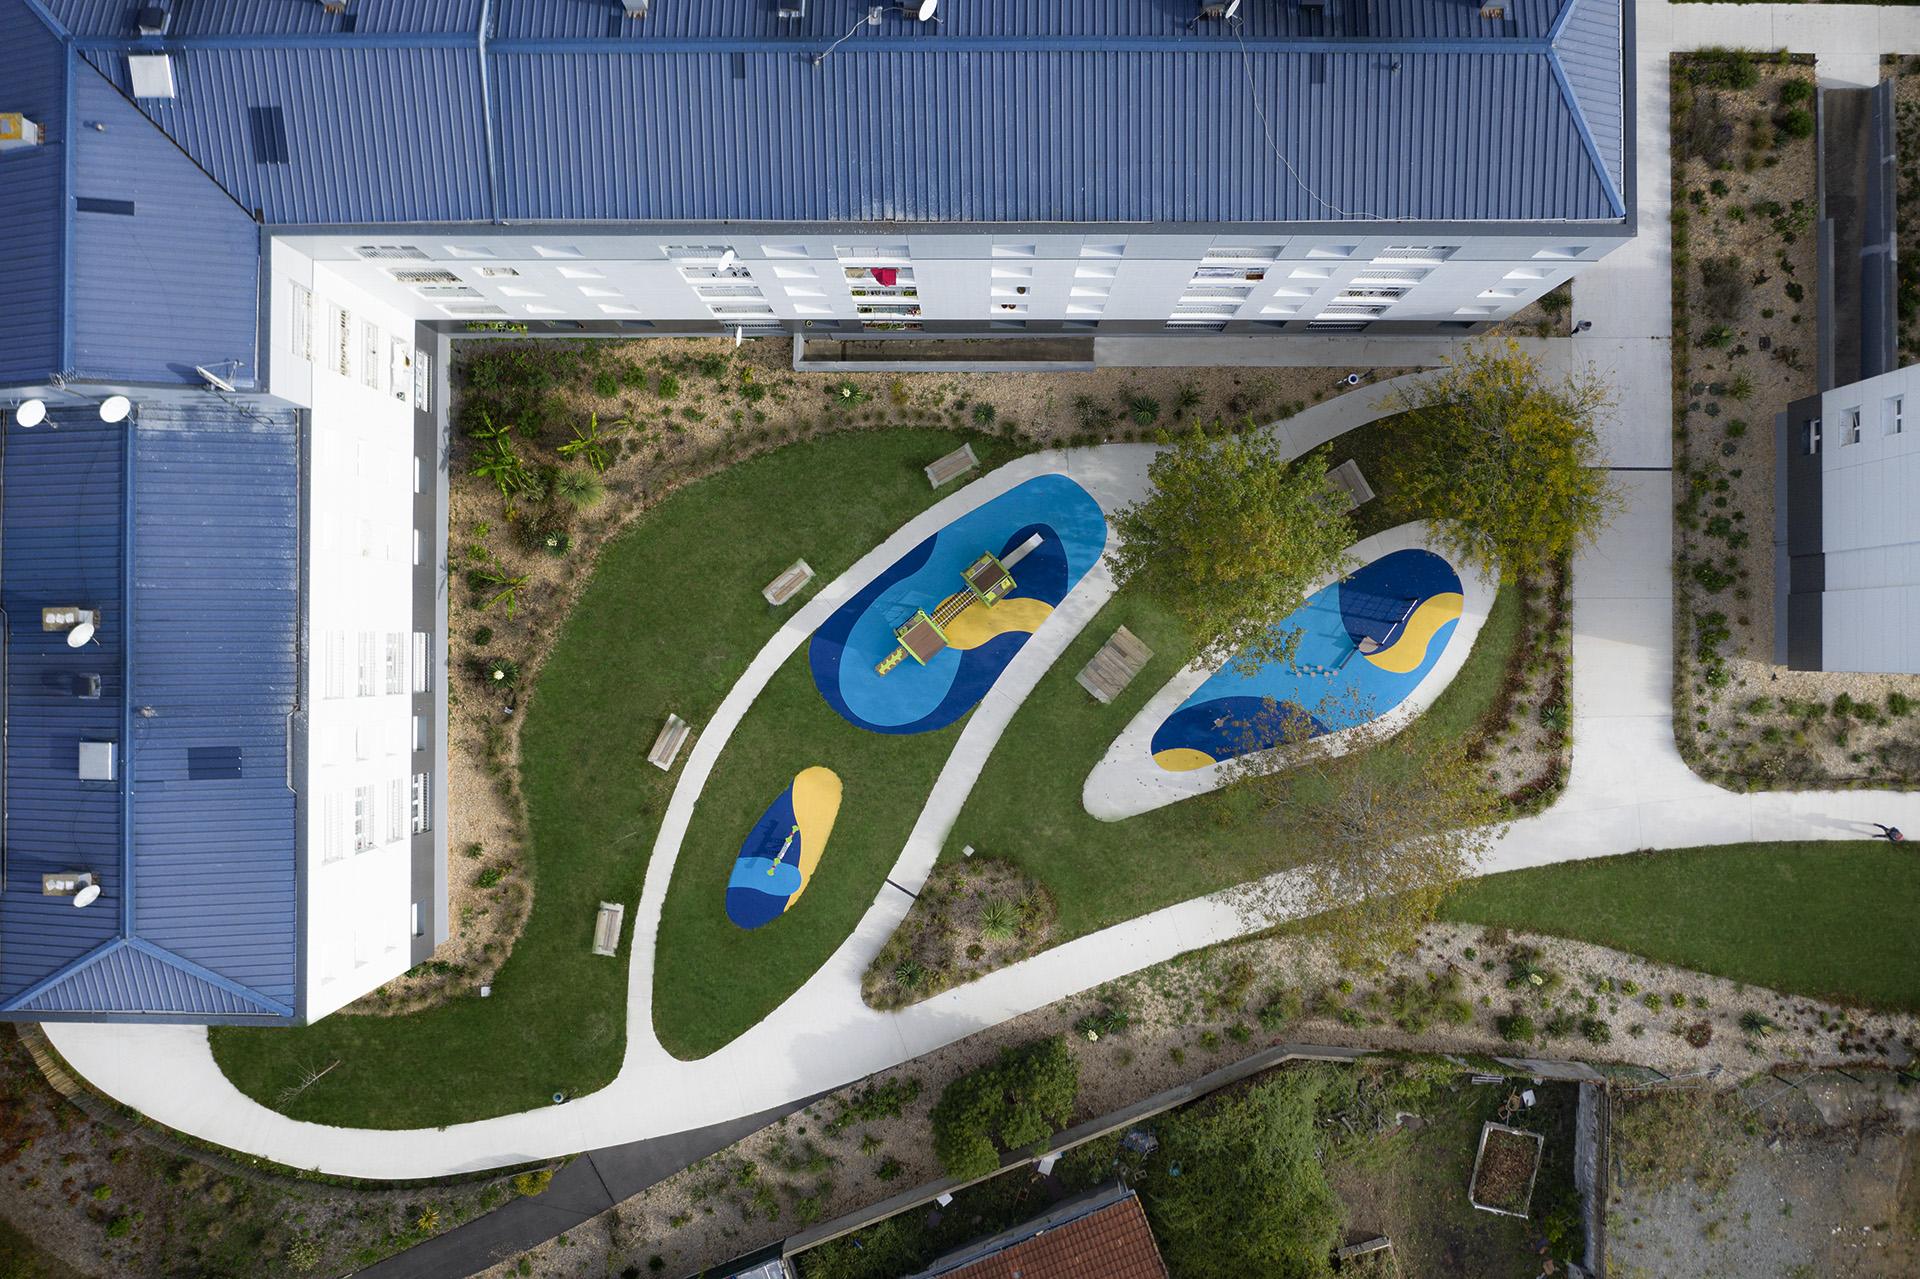 Aménagement urbain quartier Bellevue - vue aérienne - Città Urbanisme & paysage